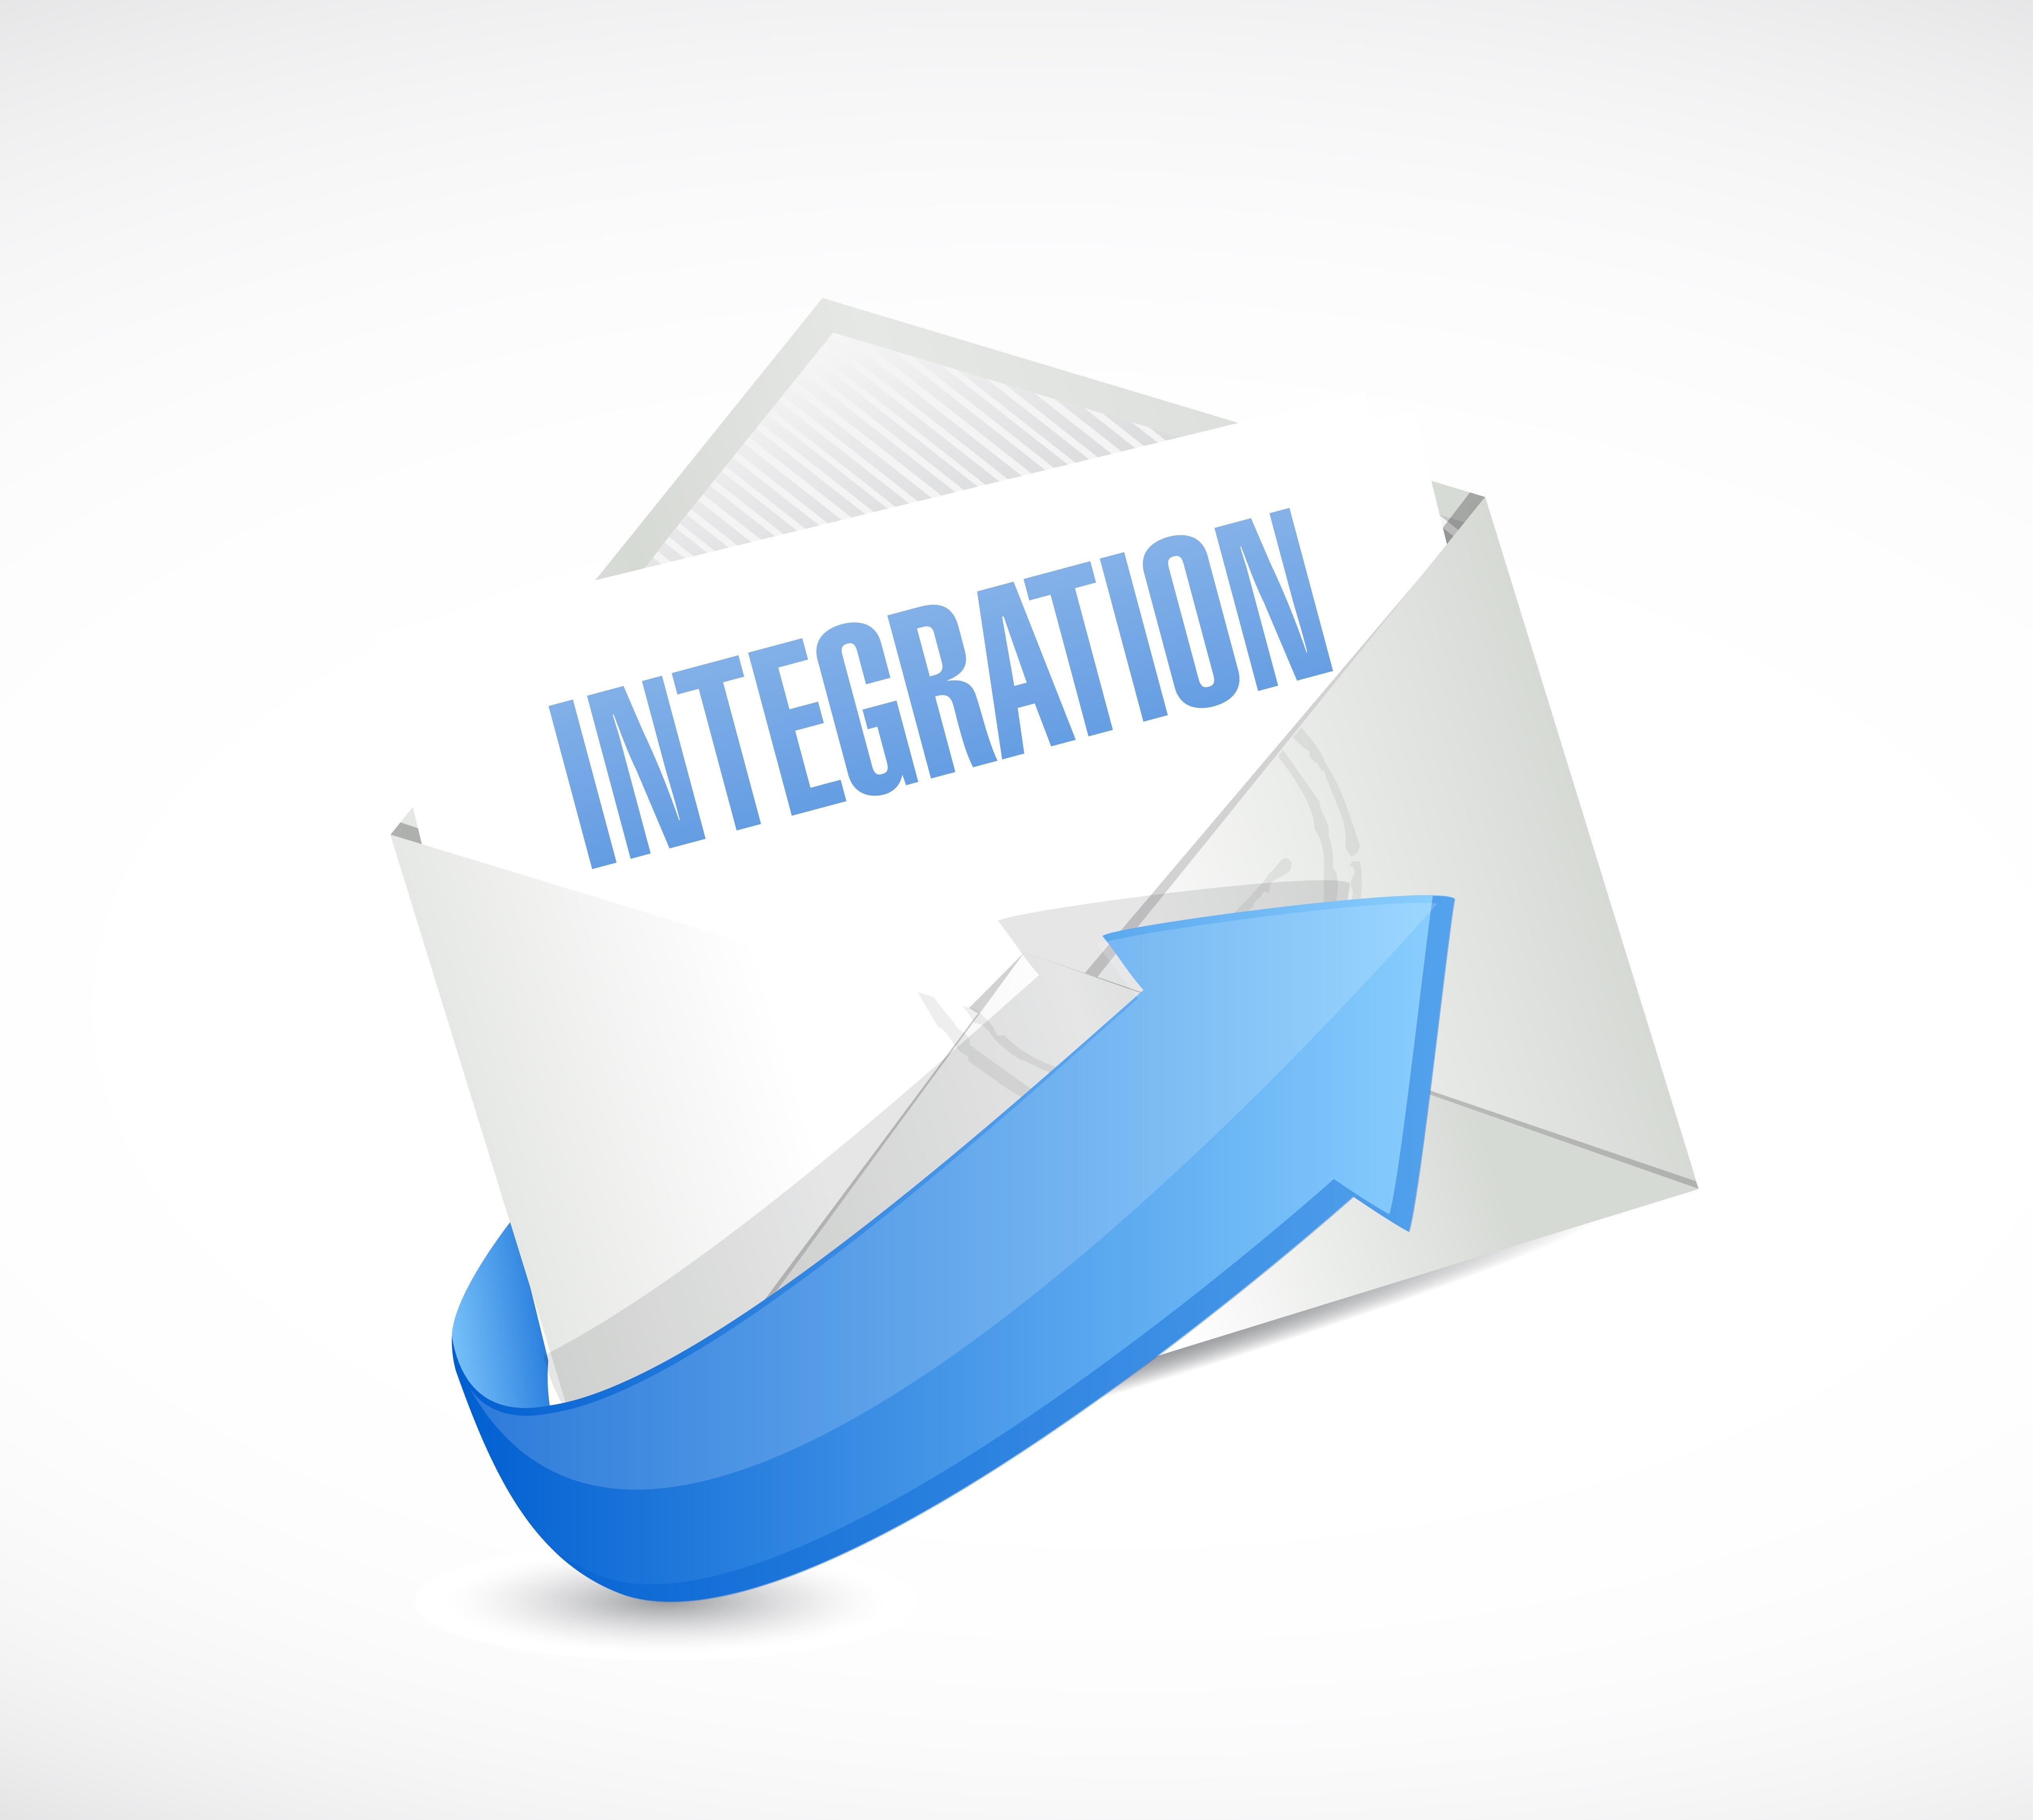 Integration message in envelope